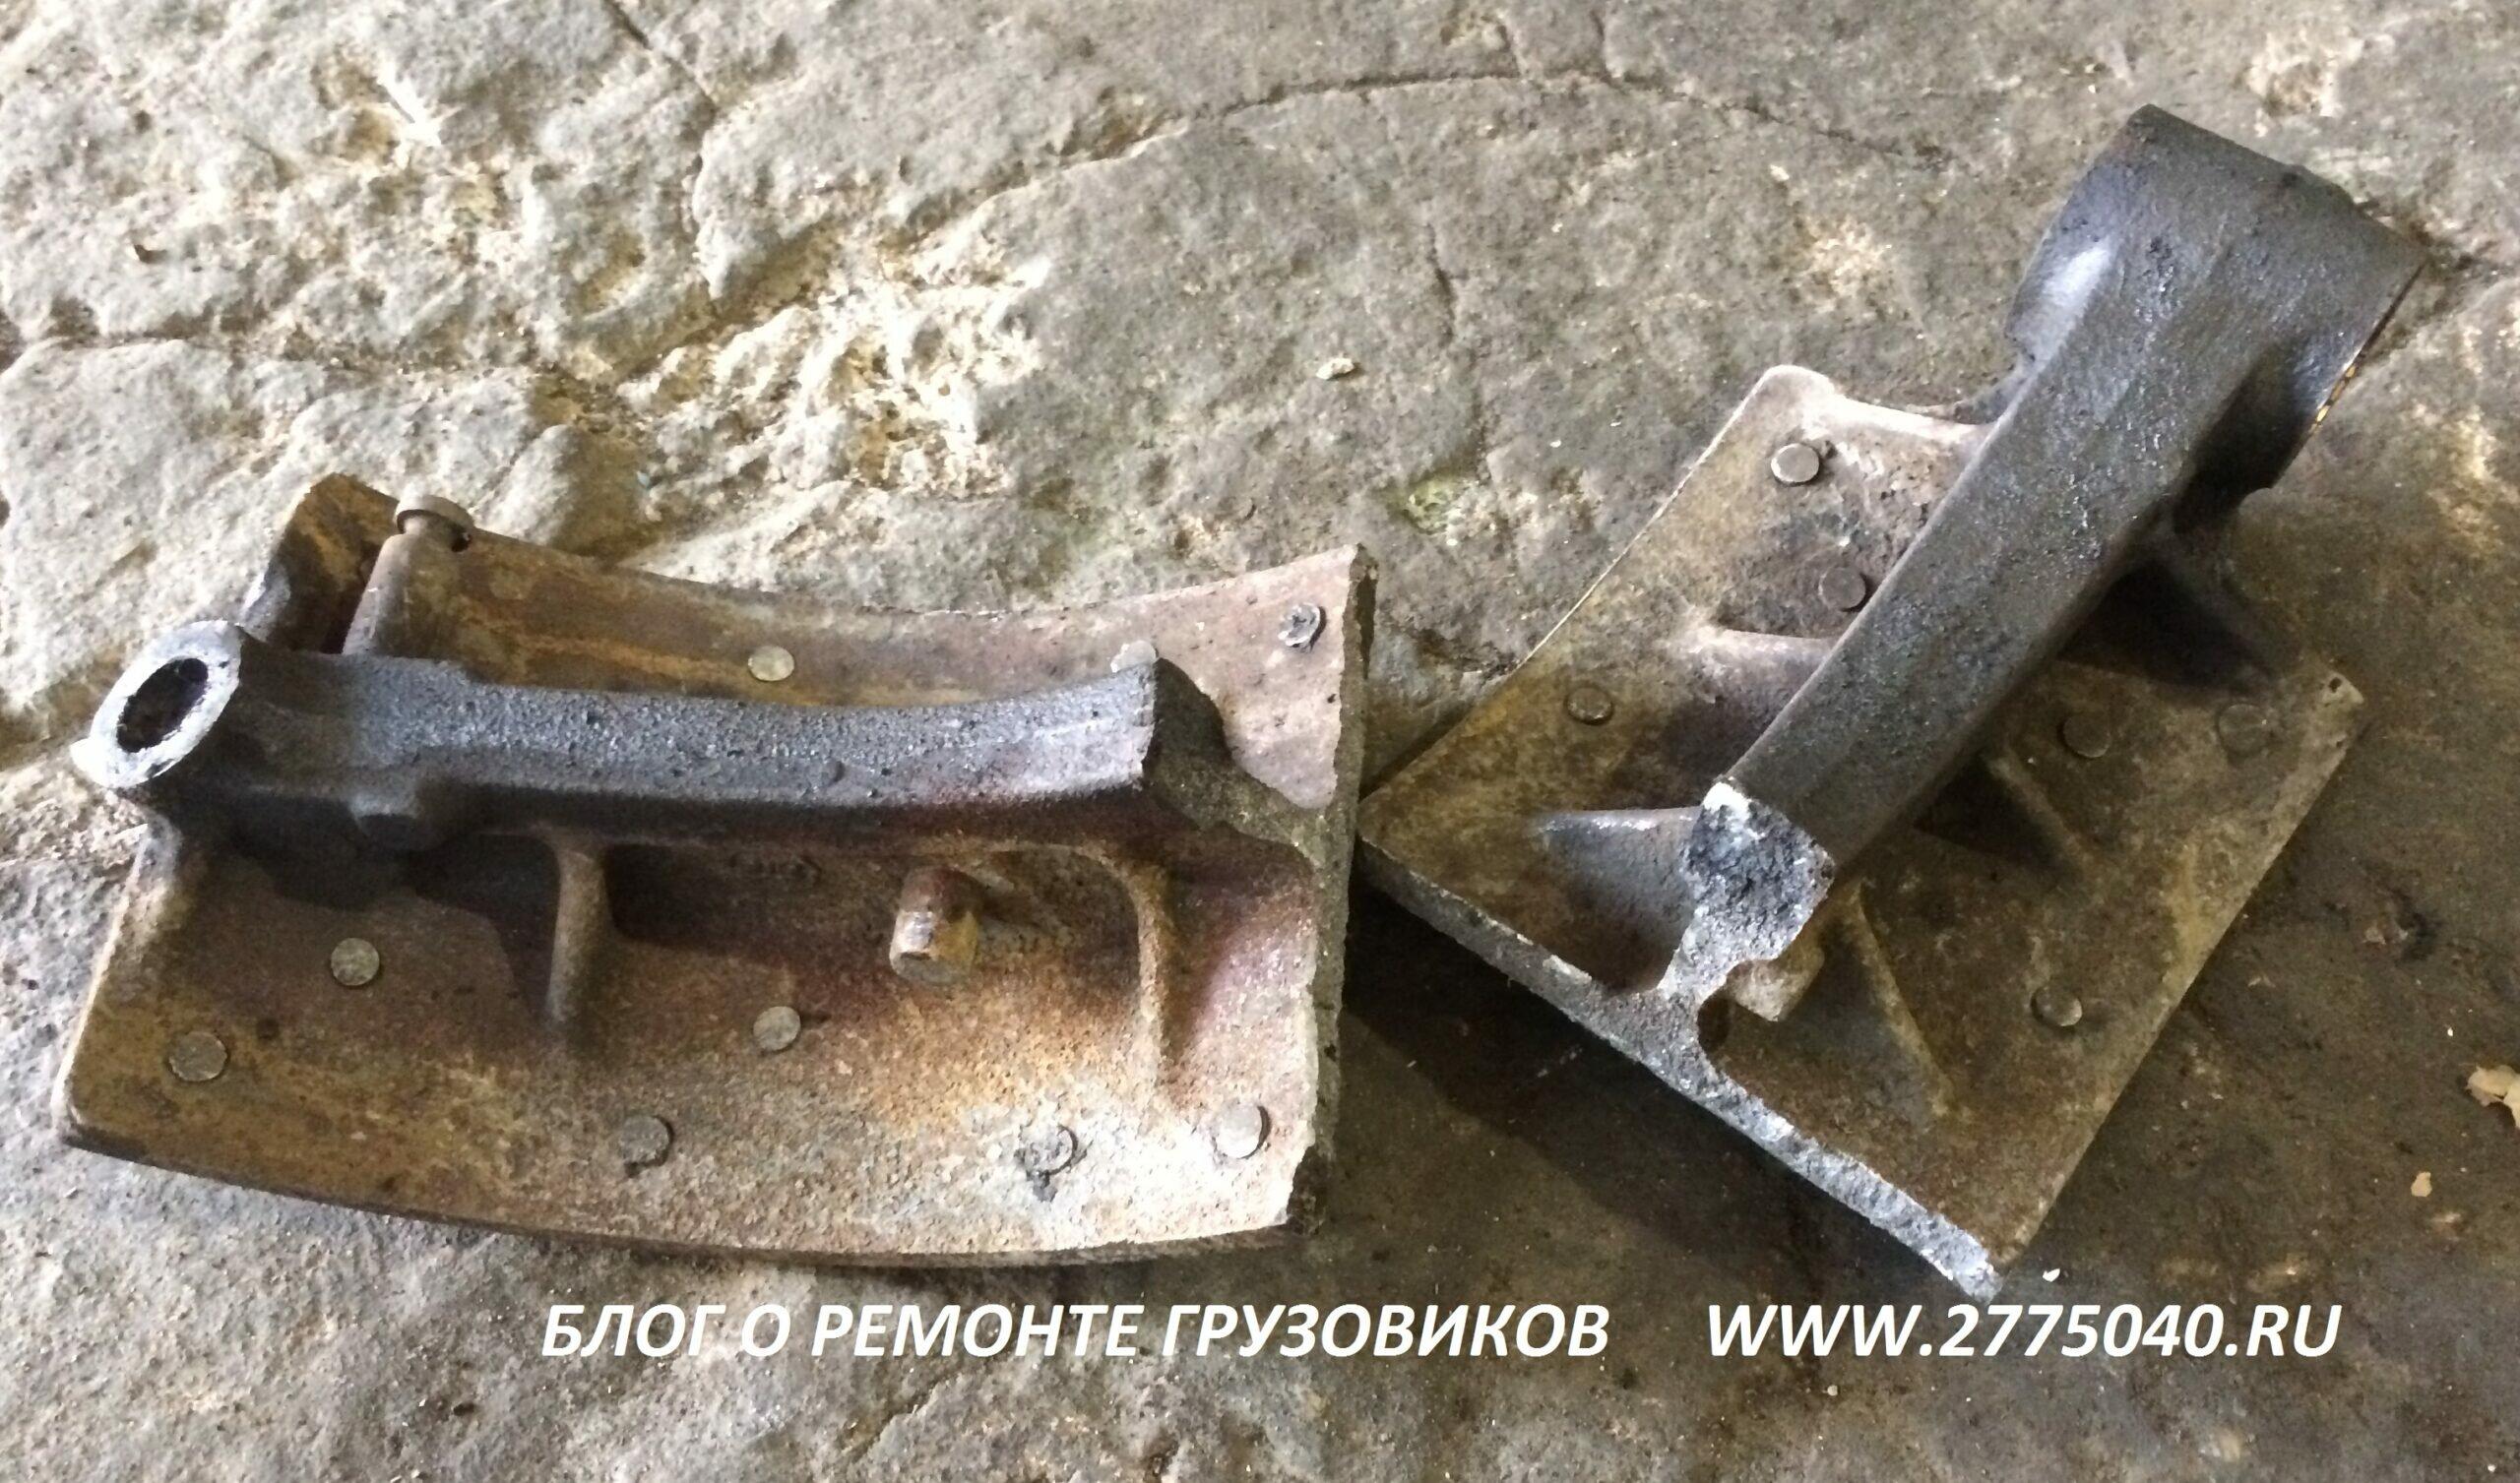 Исузу Гига (Isuzu Giga). Замена тормозной колодки. Автосервис » Первый «. Владивосток